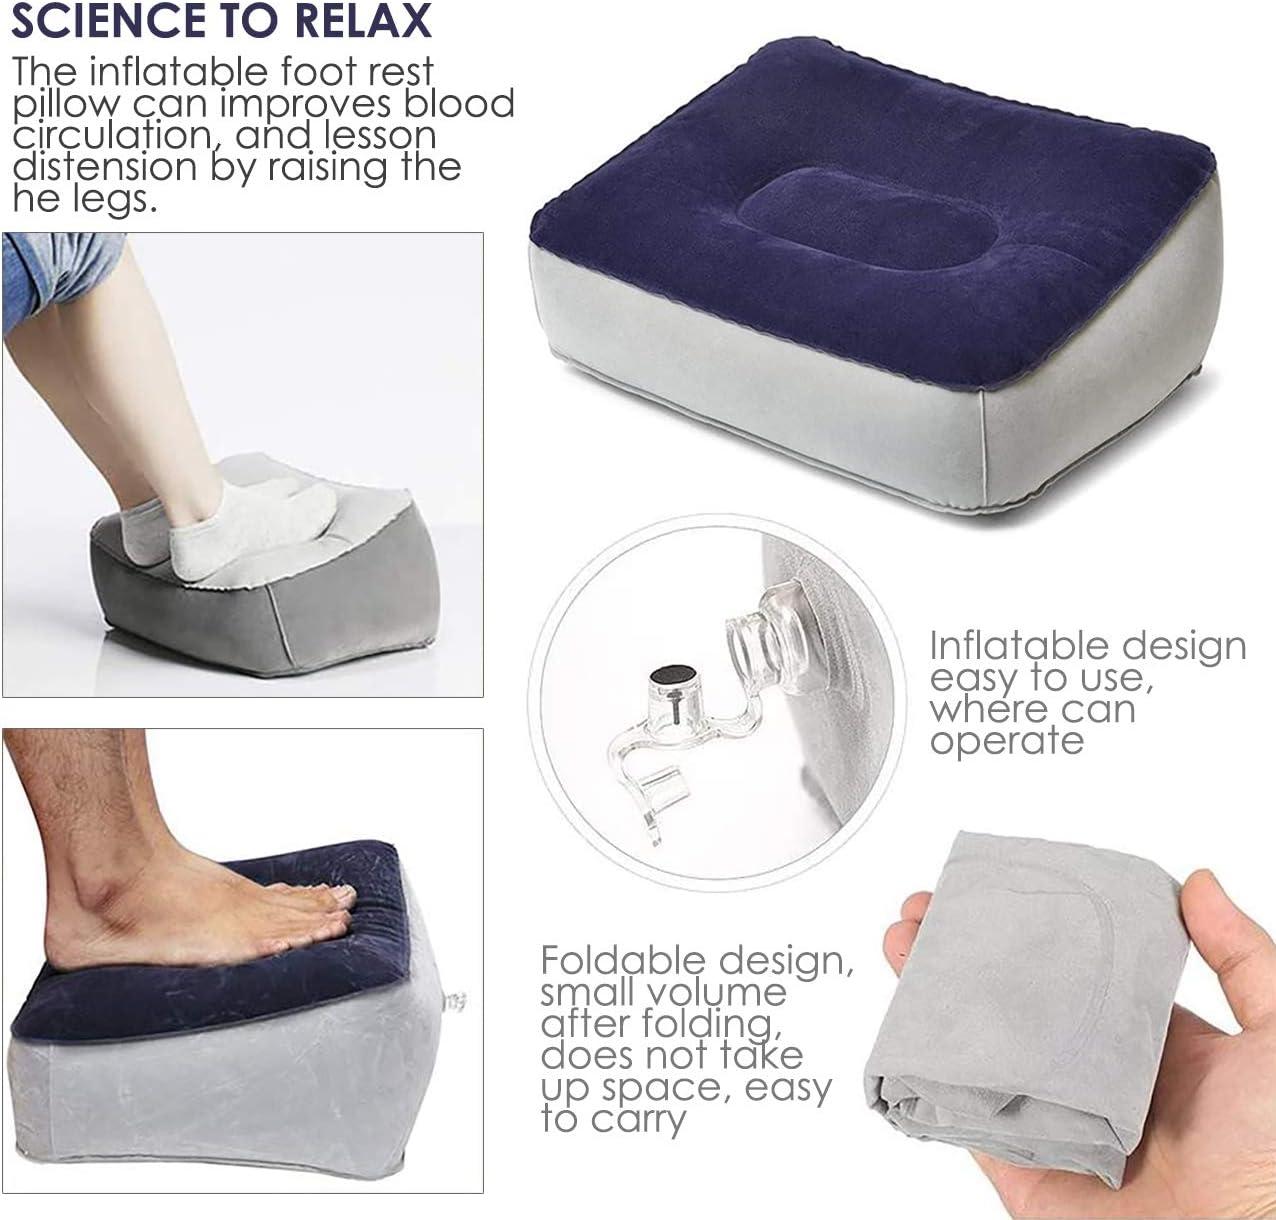 Coussin gonflable pour les pieds d/'avion repose-pieds pour avion bleu Am/éliore la circulation sanguine et soulage la fatigue repose-pieds pour les jambes et le voyage pour les avions